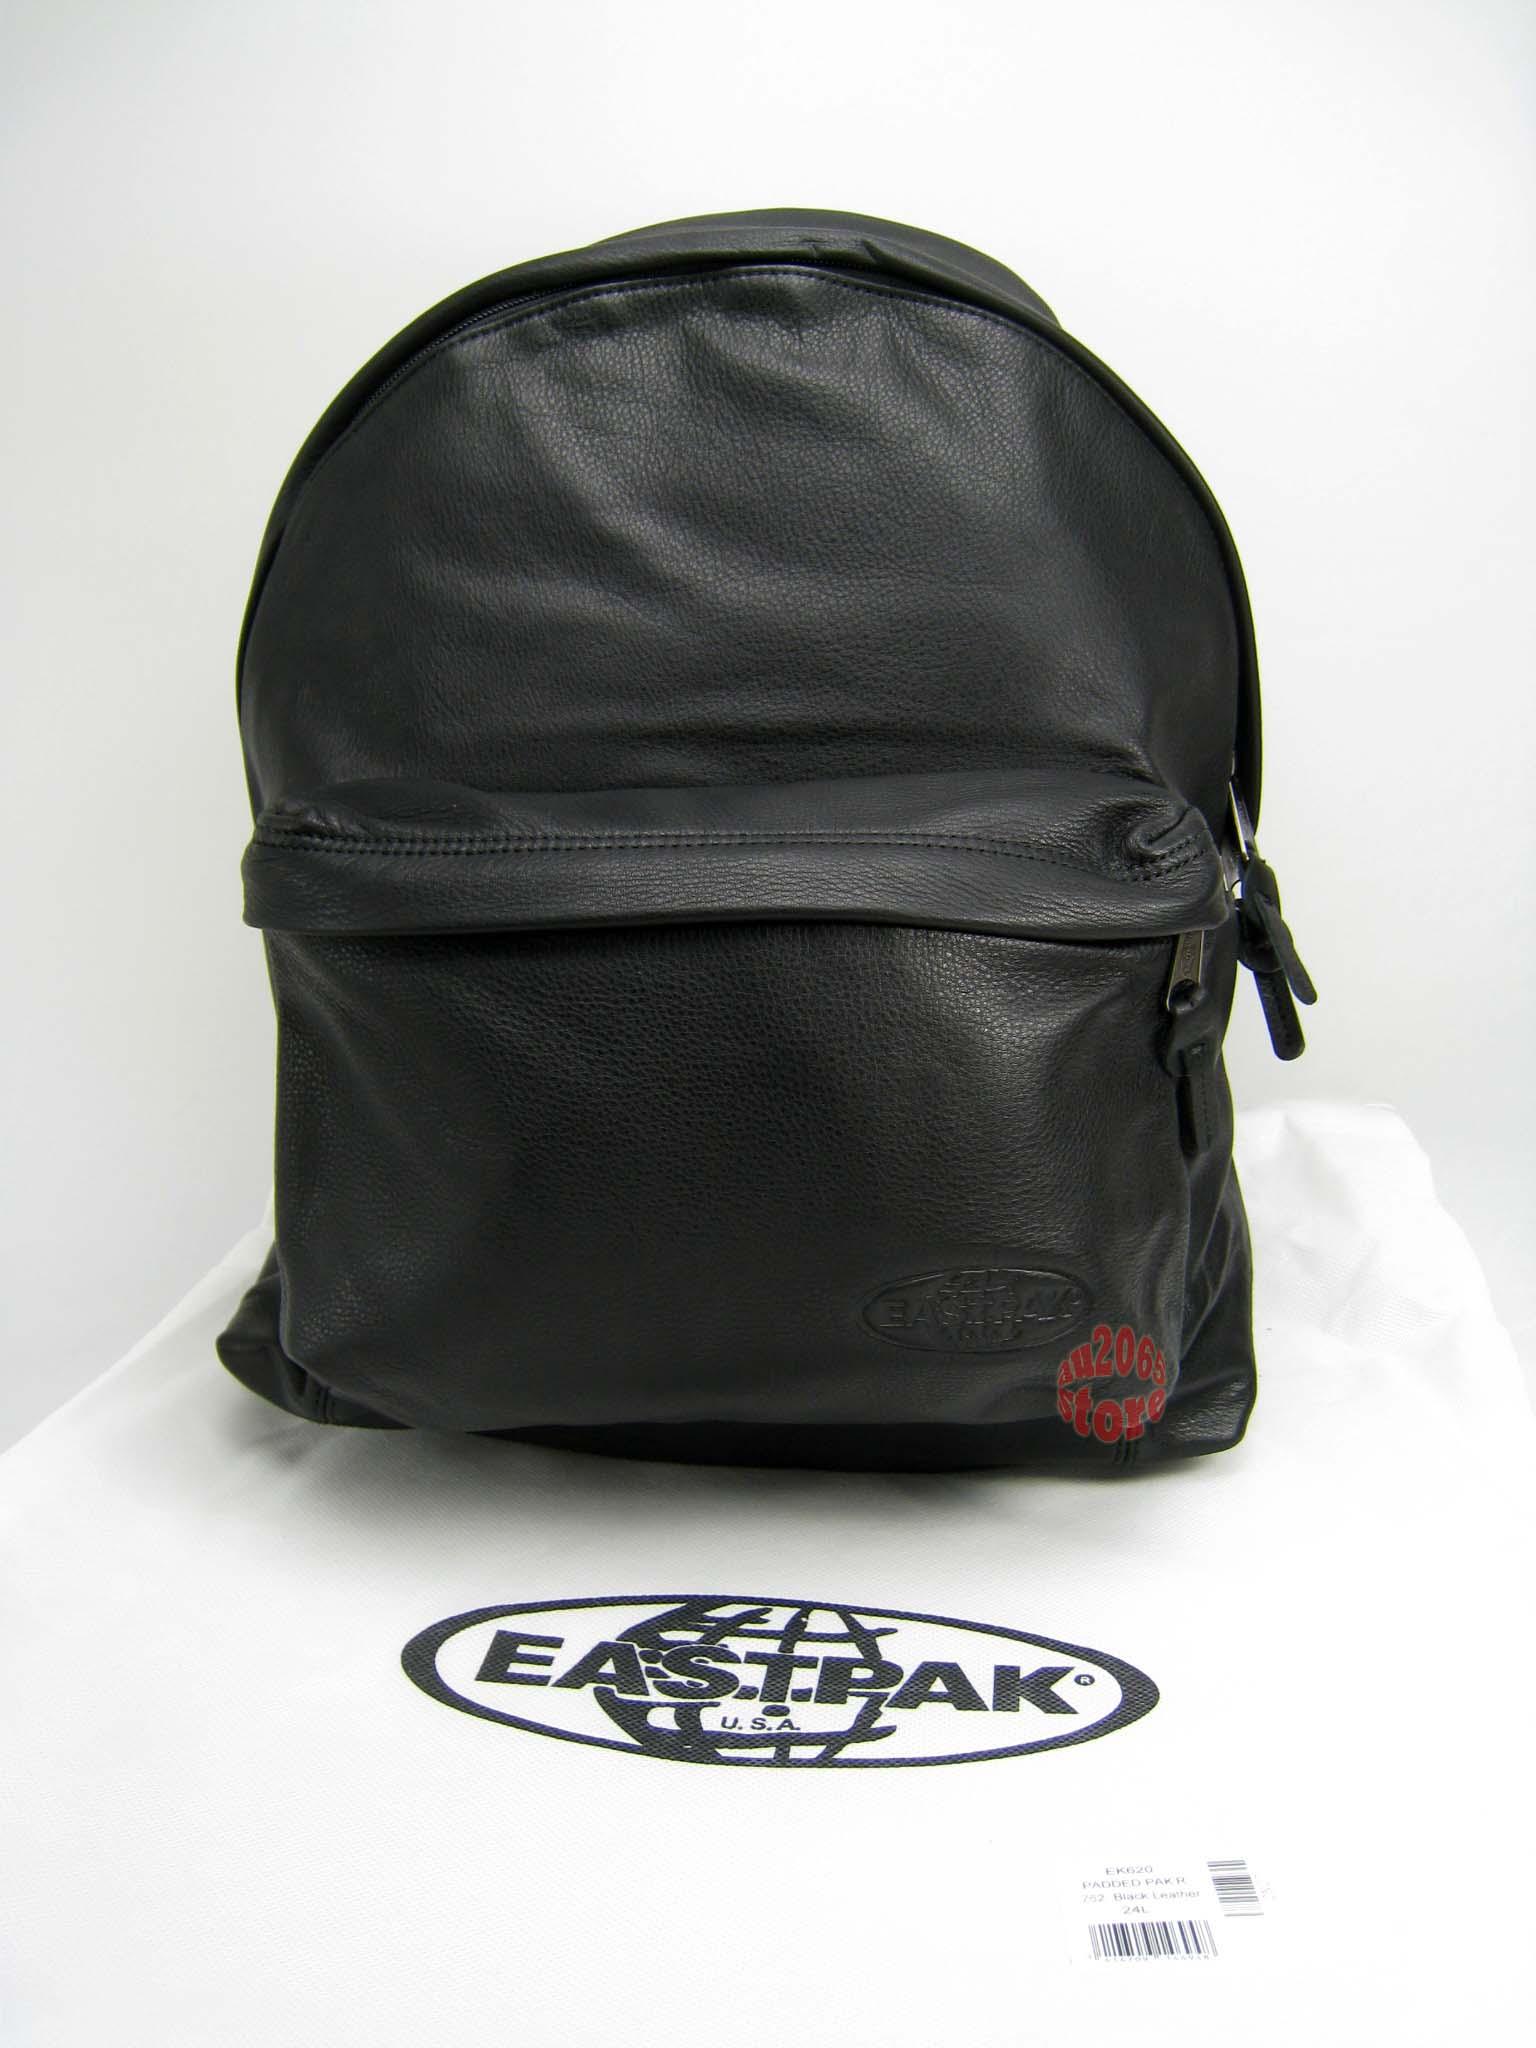 Leather Eastpak Backpack: Eastpak EK620 Padded Bag BACKPACK Black Leather W. Laptop